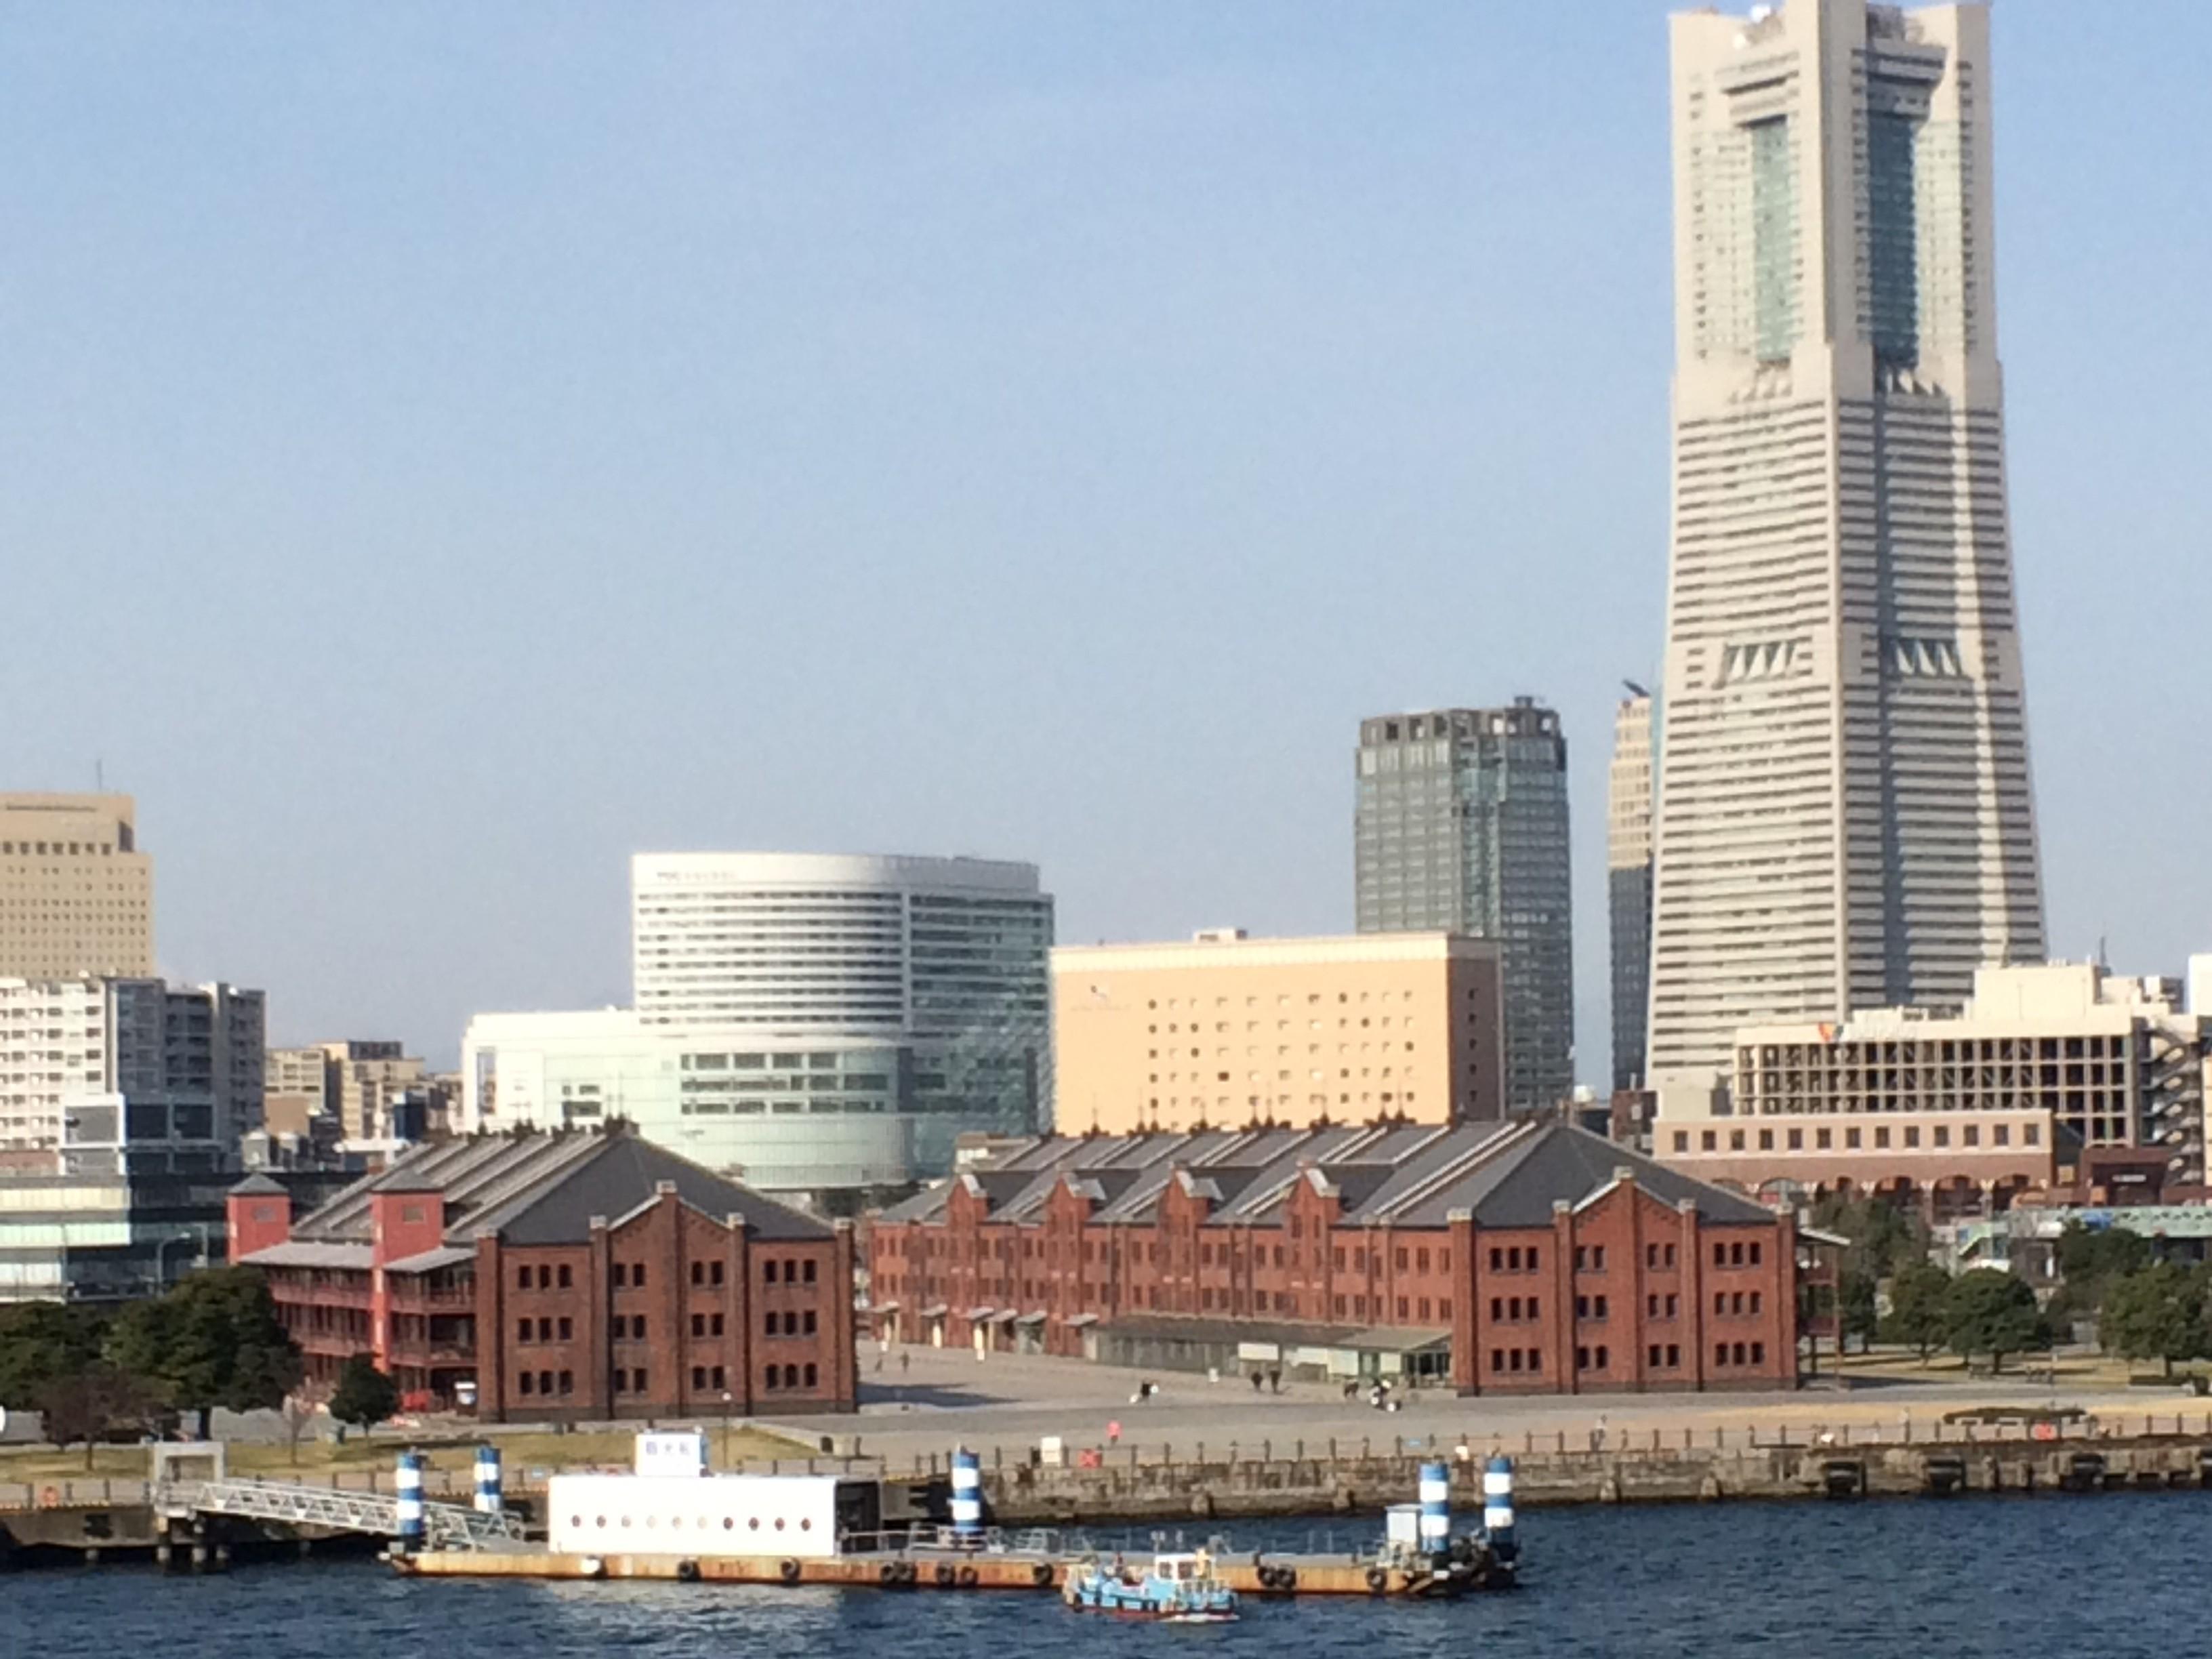 横浜は青春の街、刺激的なつり革。